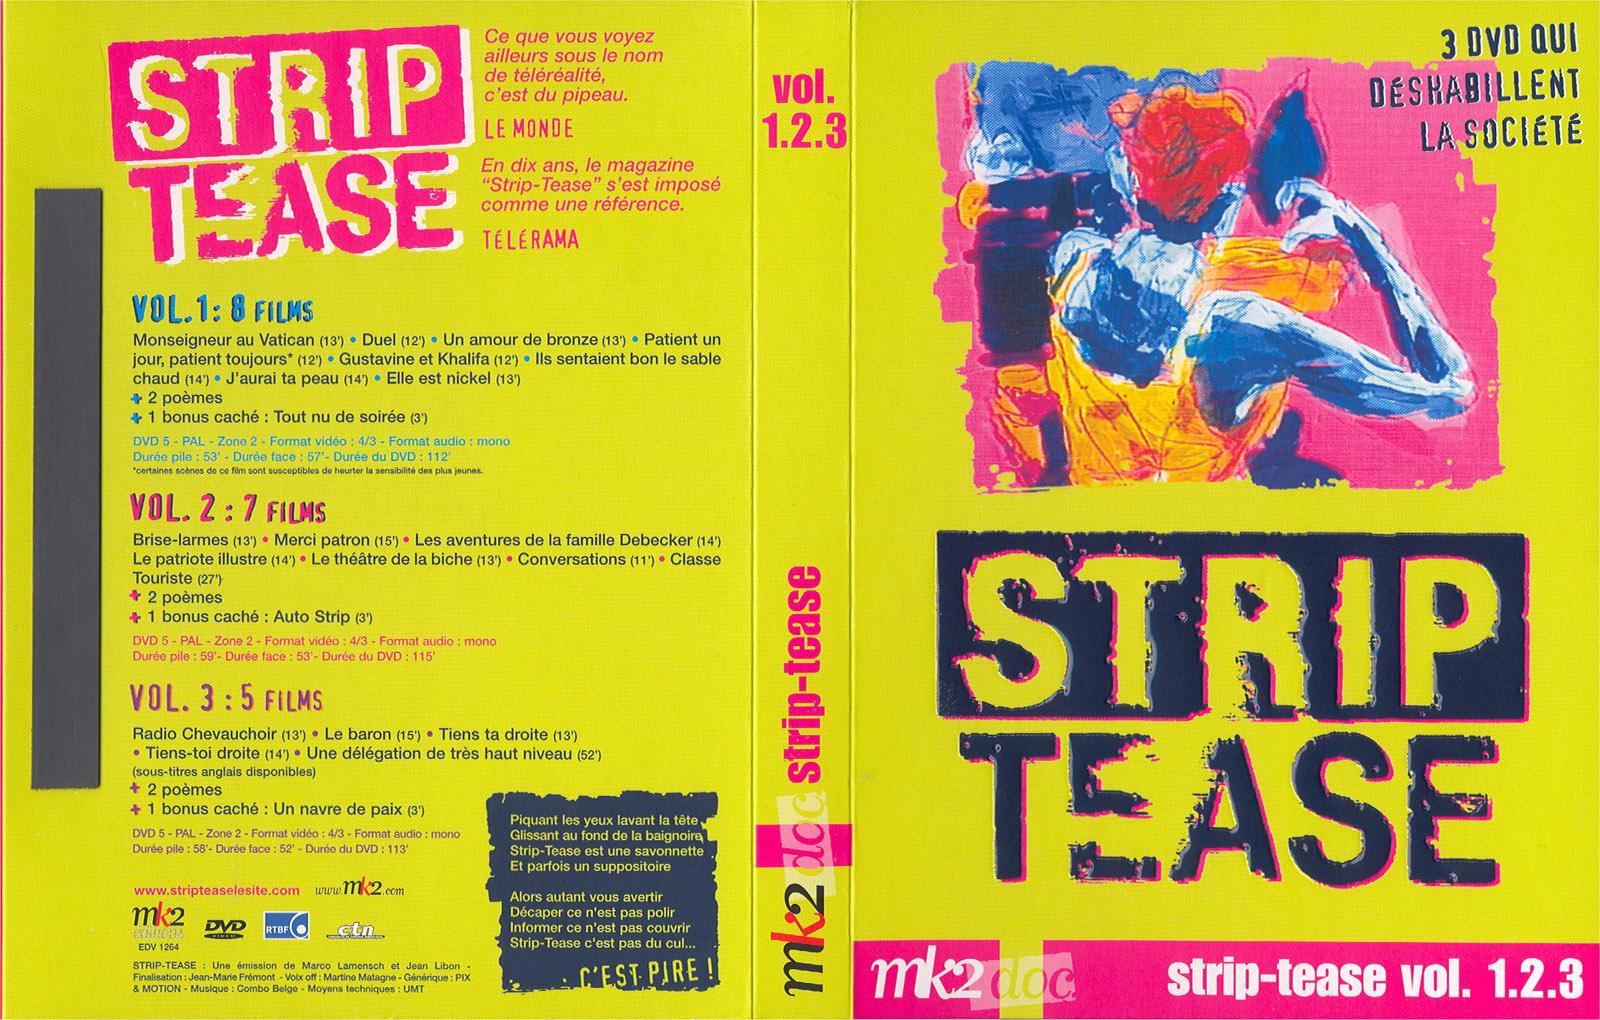 Jaquette DVD Strip tease vol 1-2-3